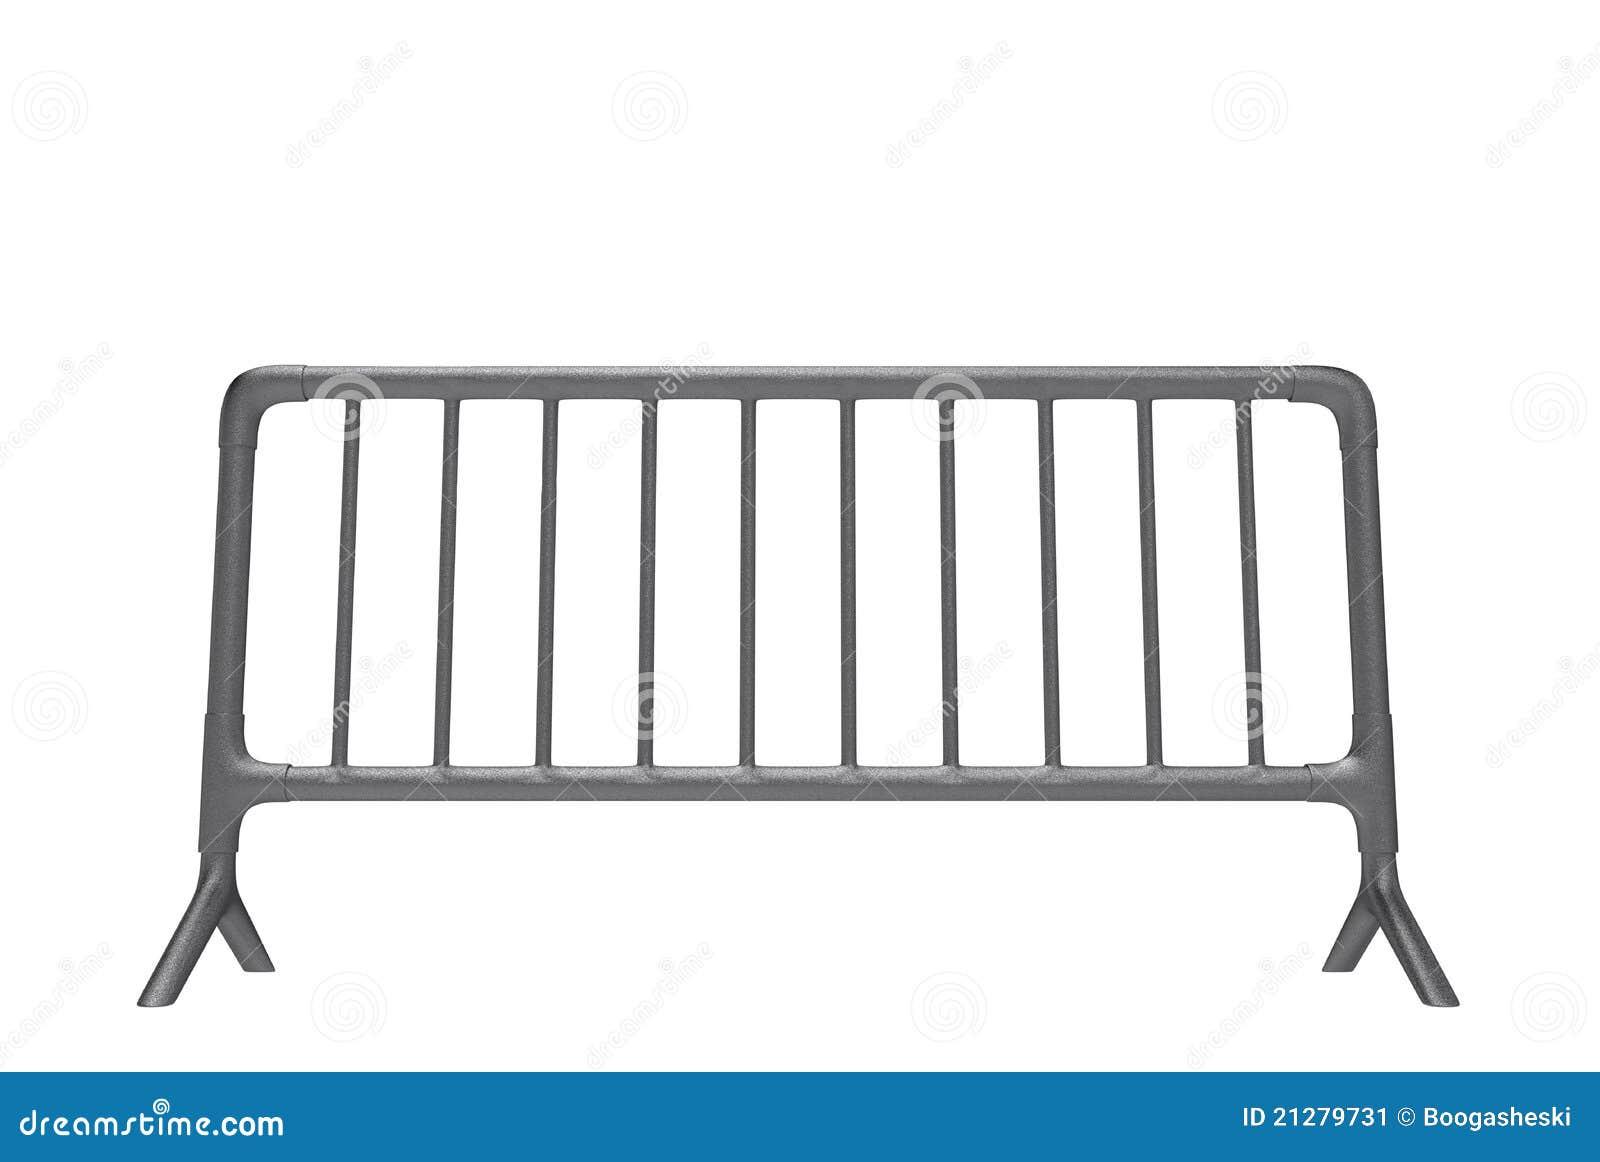 barri re en m tal image stock image 21279731. Black Bedroom Furniture Sets. Home Design Ideas